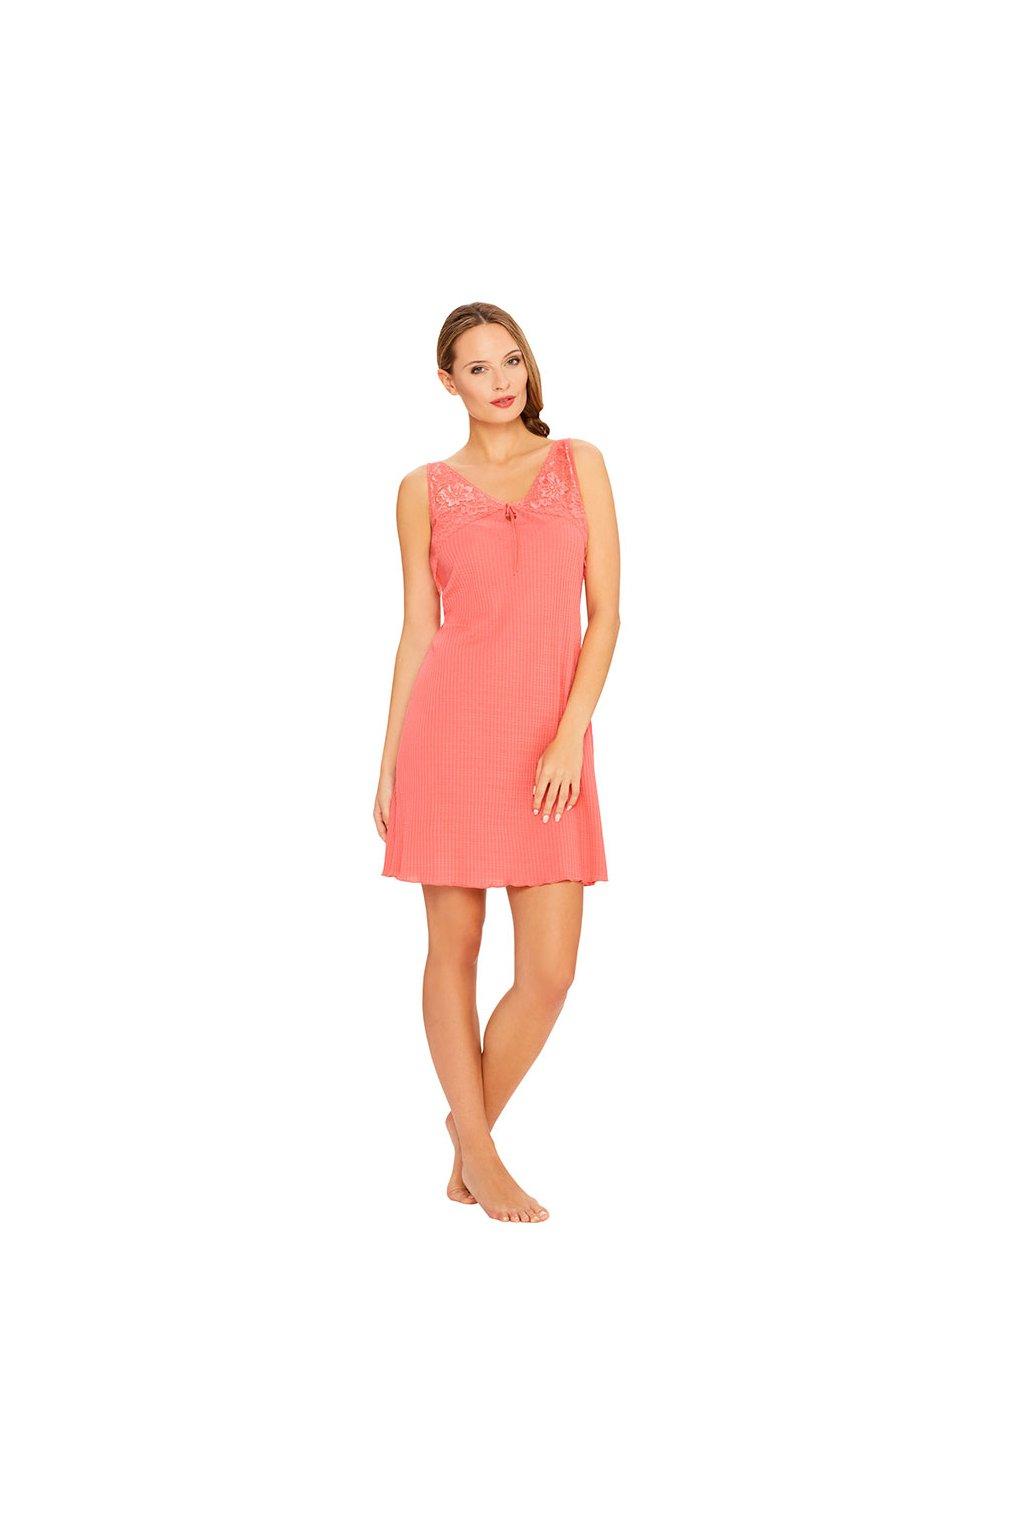 Dámská noční košile s úzkými ramínky, 104415 418, růžová